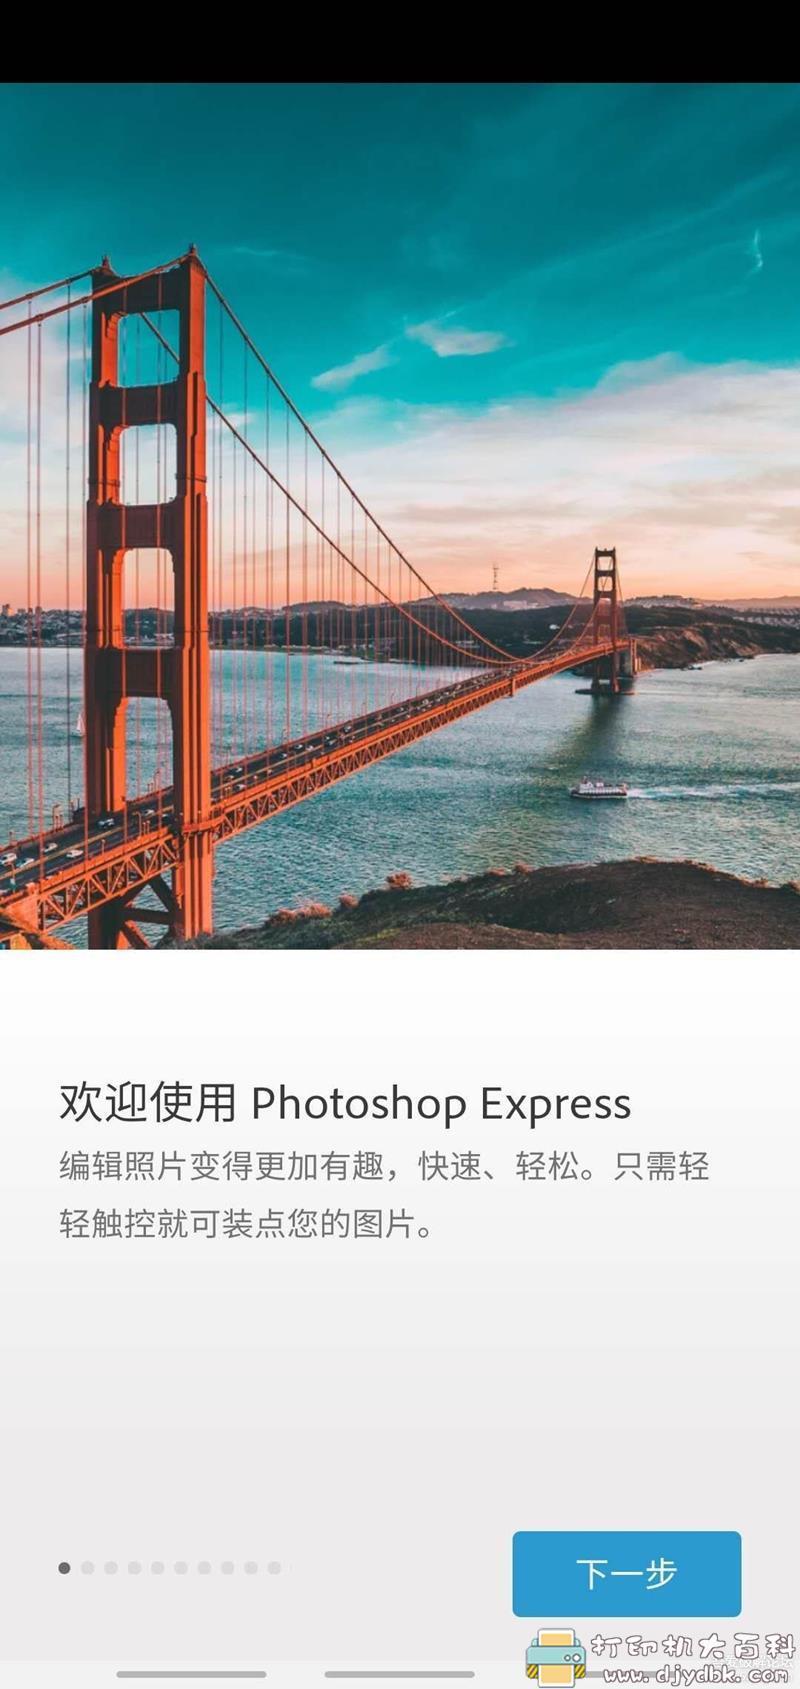 专业修图软件PS手机版:Adobe Photoshop Express特别版 配图 No.2